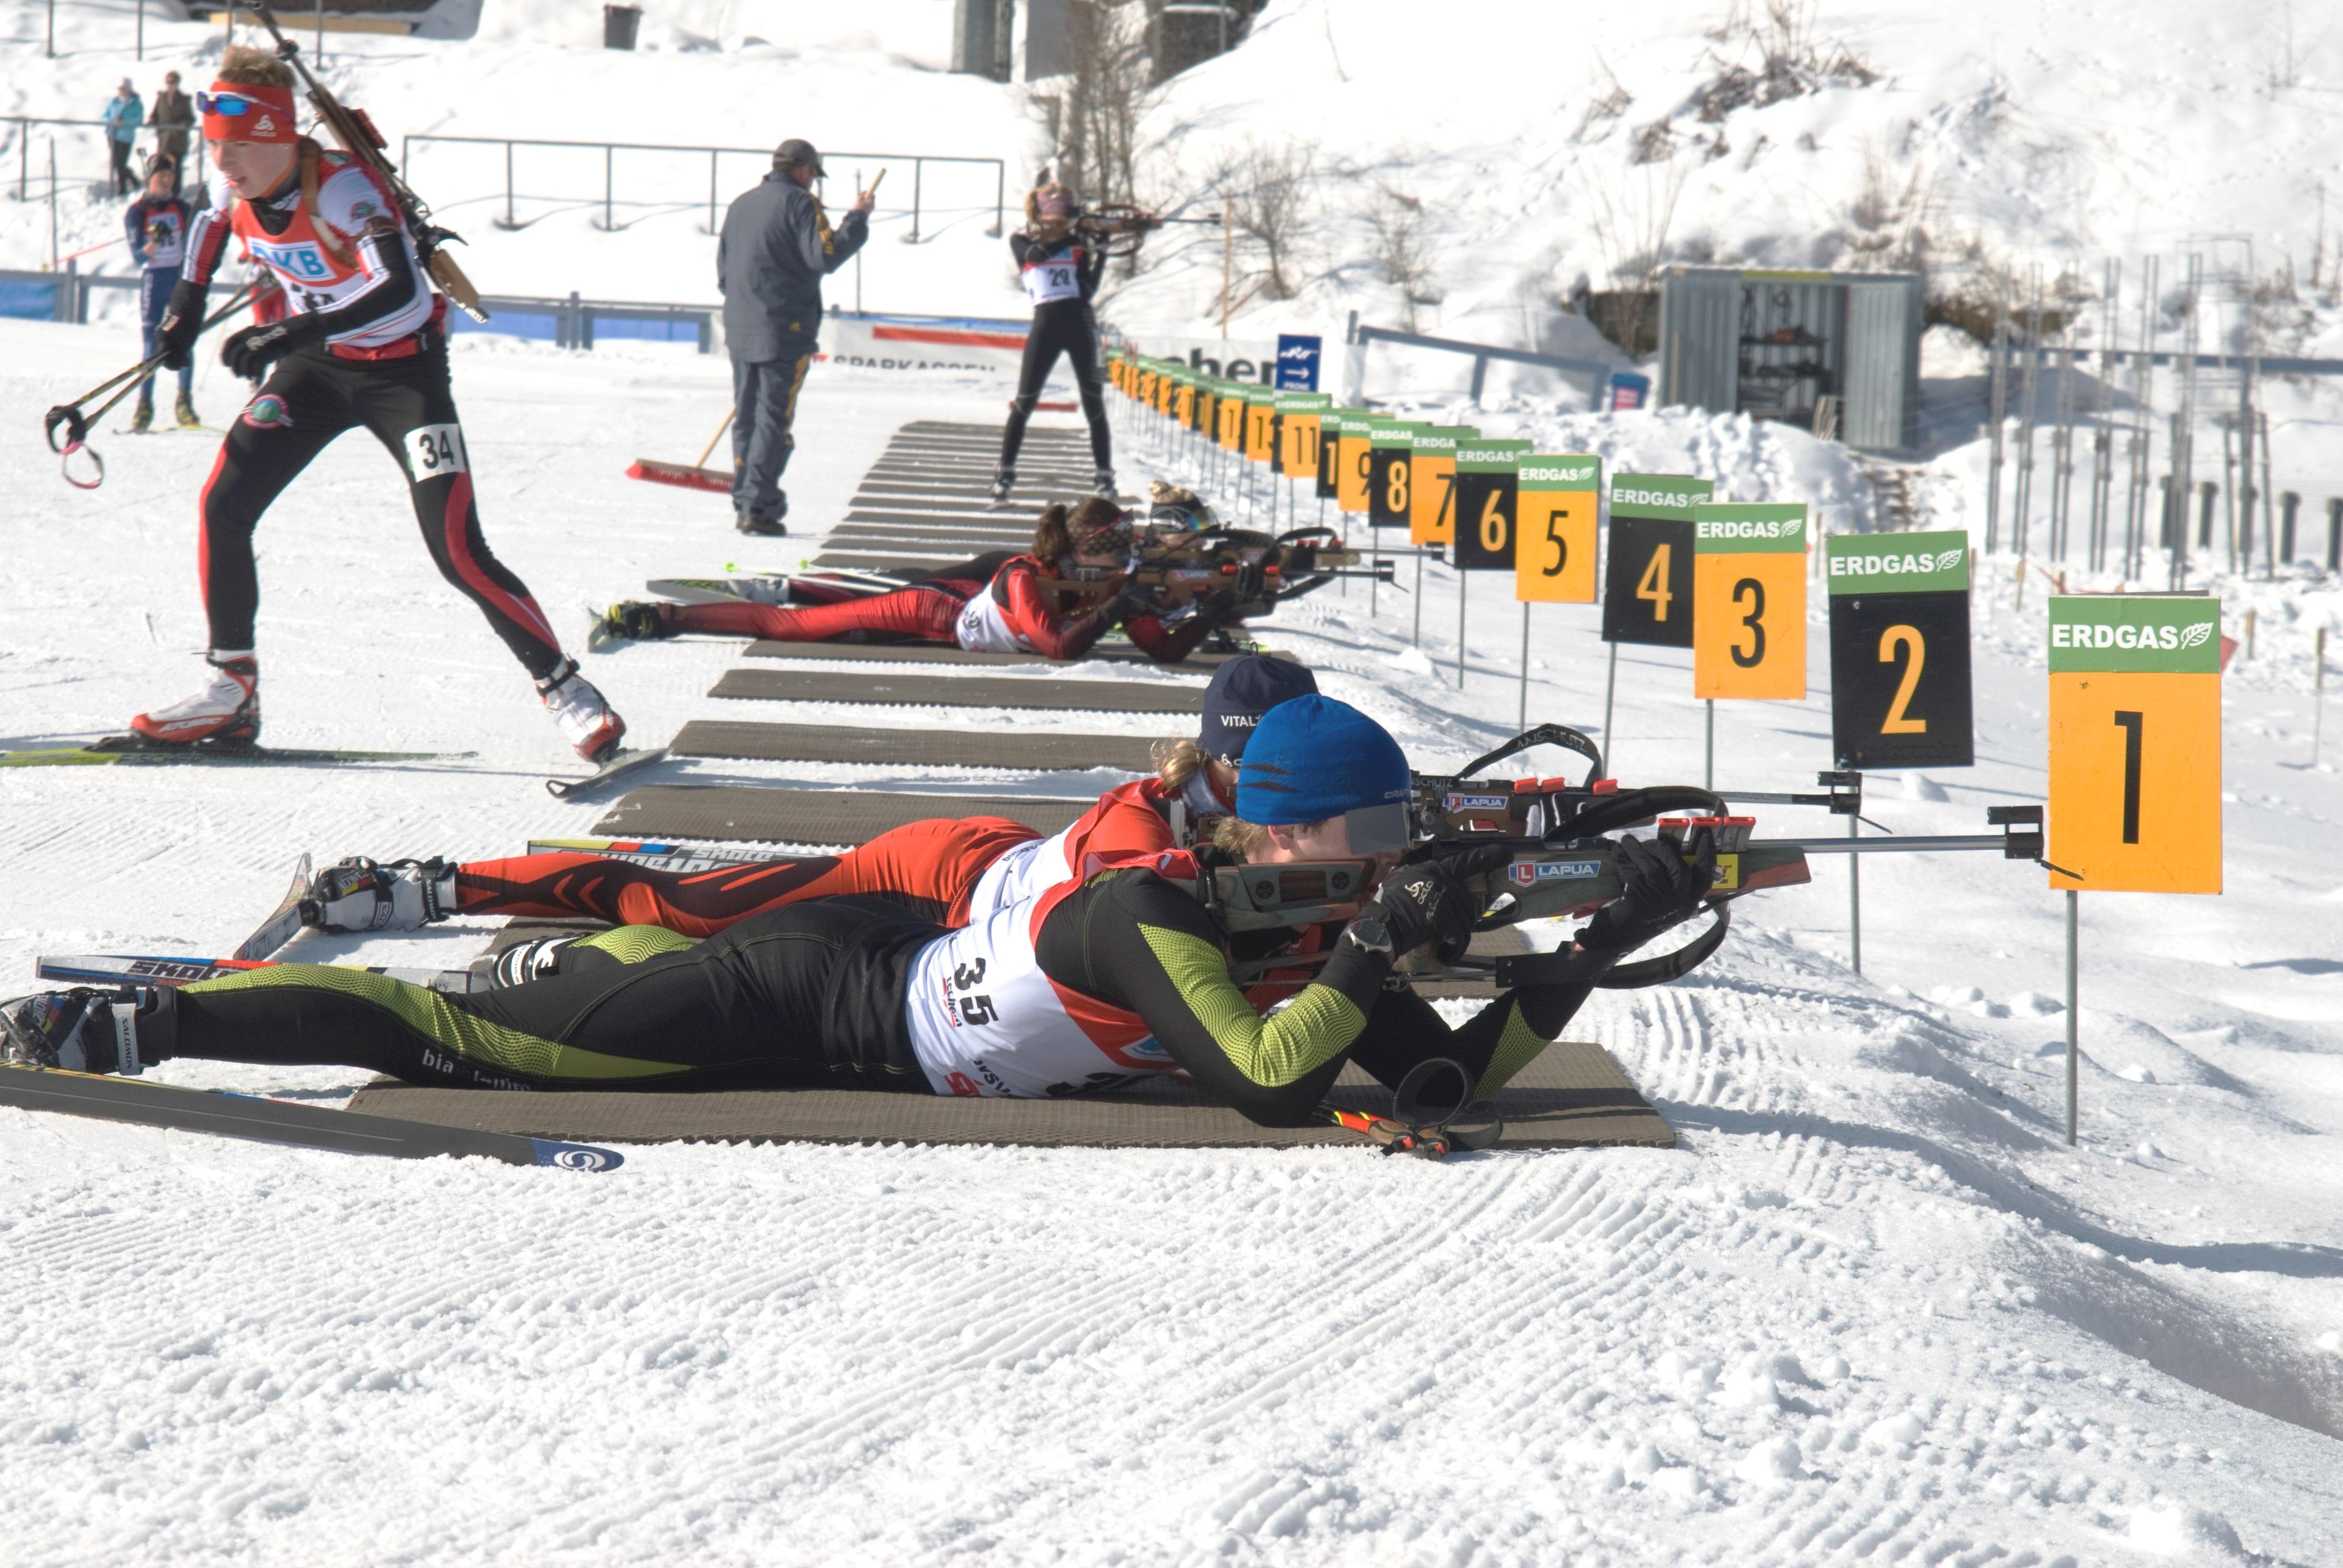 Bild: Biathlon